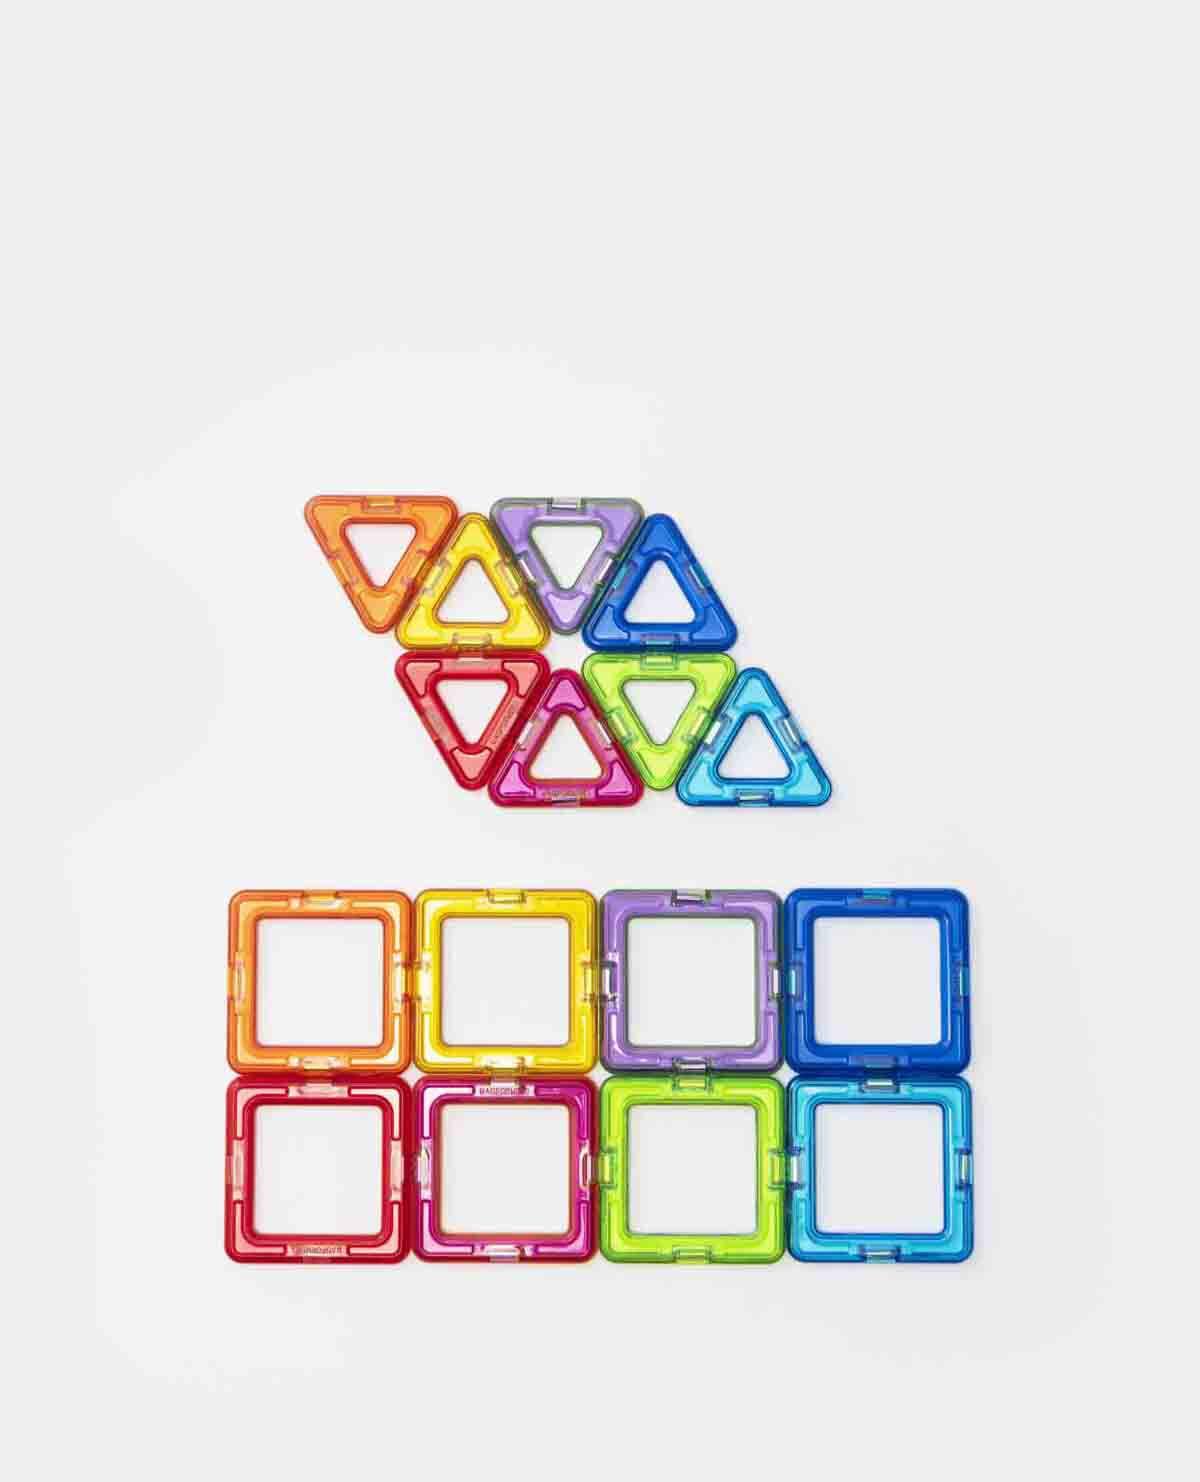 マグ フォーマーベーシックセット 30ピース マグネット おもちゃ 知育 玩具